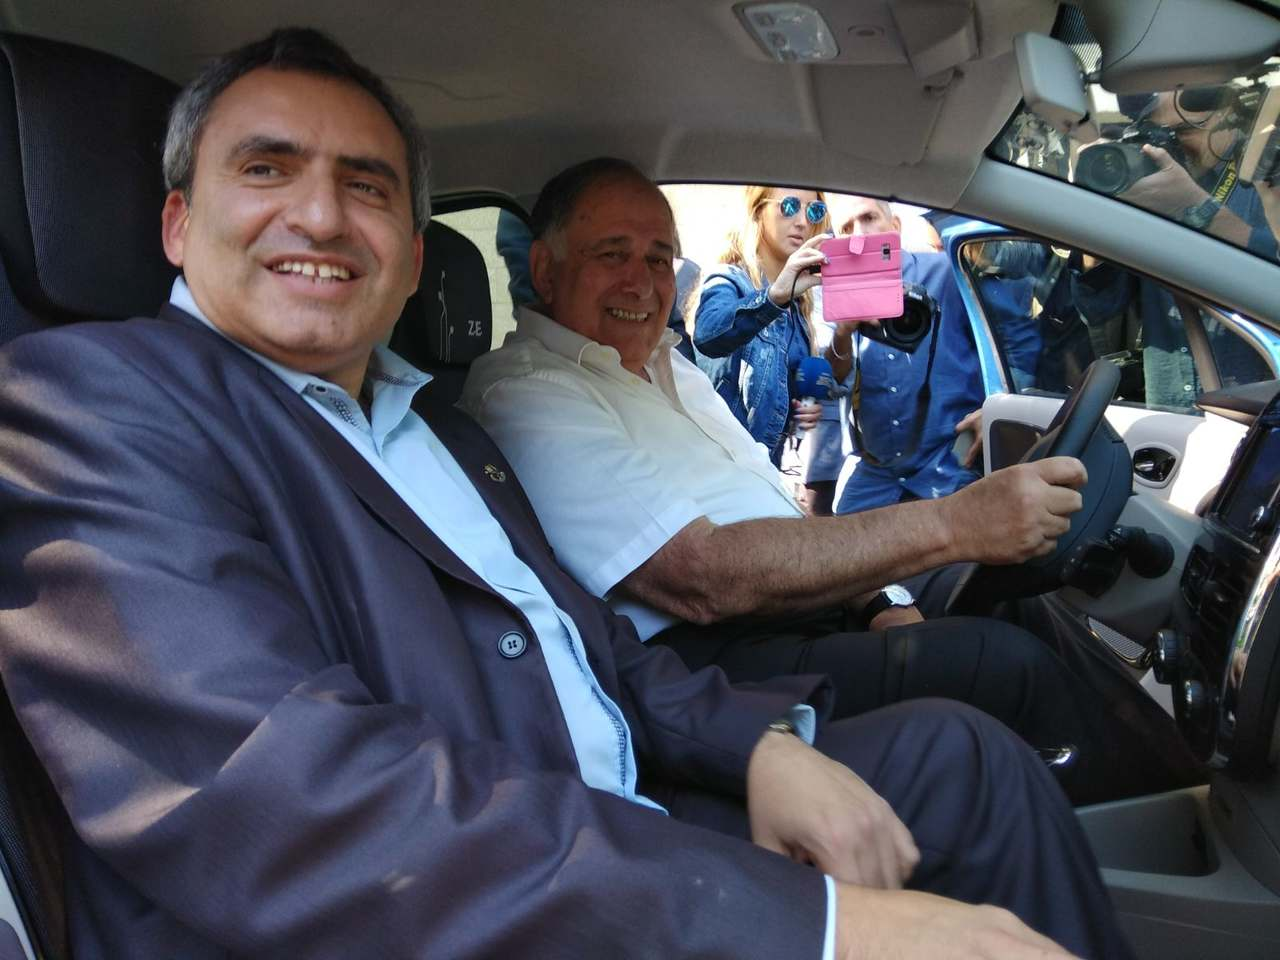 יונה יהב וזאב אלקין חונכים את פרויקט Car2G0 (צילום: רמי שלוש)